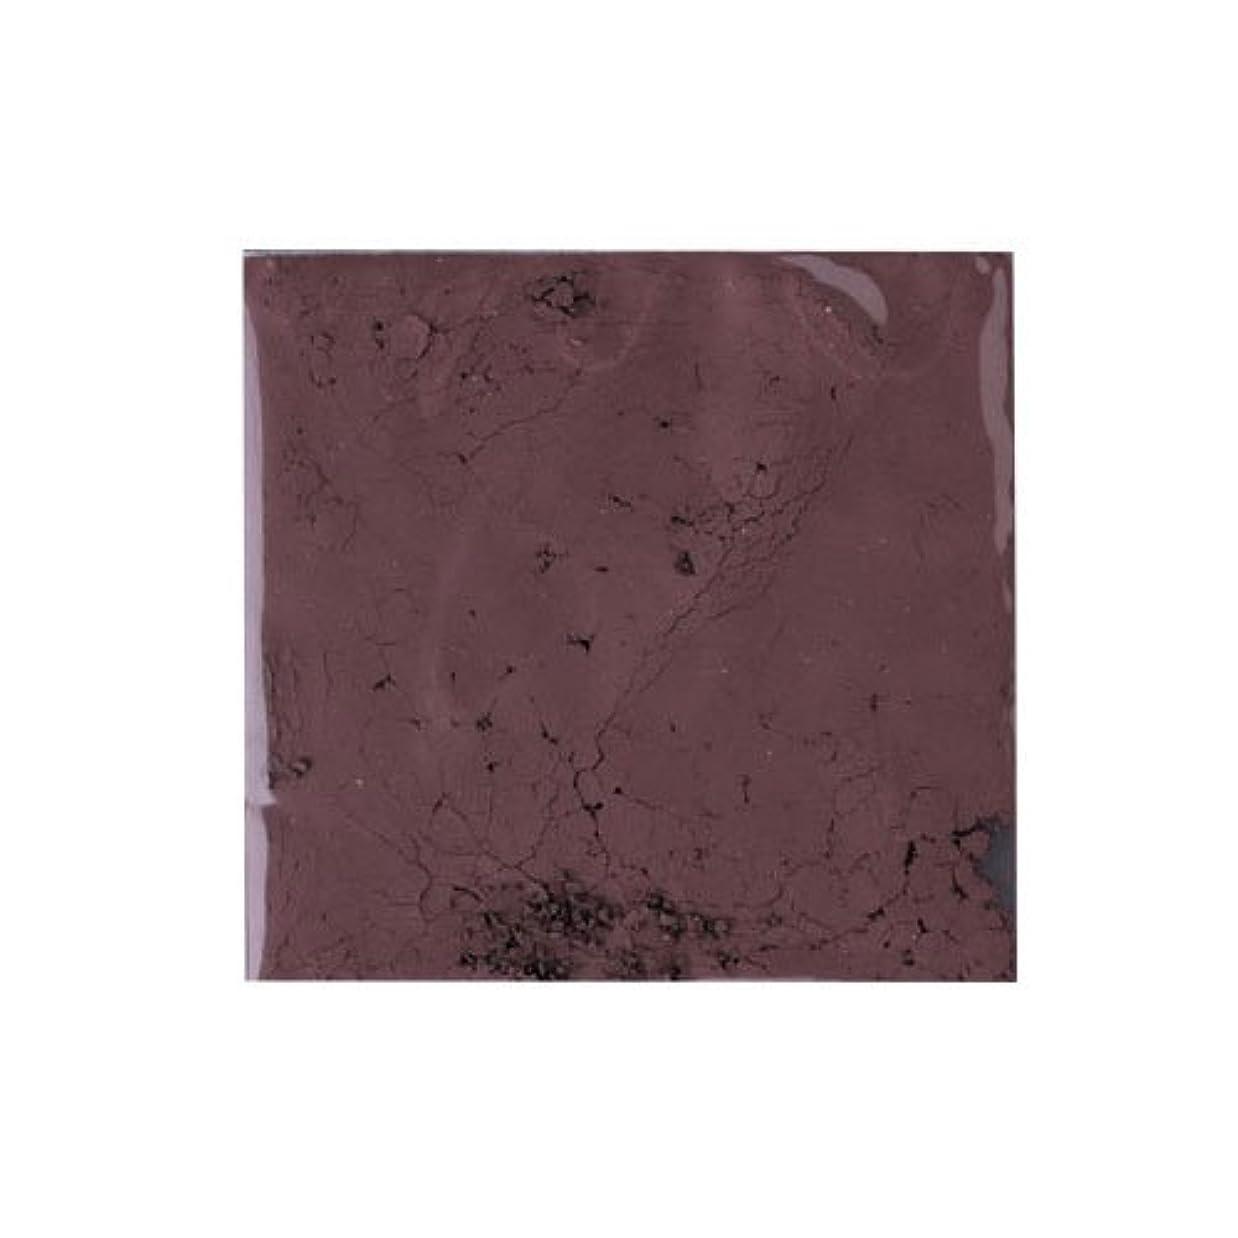 再発する却下する所得ピカエース ネイル用パウダー ピカエース カラーパウダー 着色顔料 #785 チョコレートブラウン 2g アート材